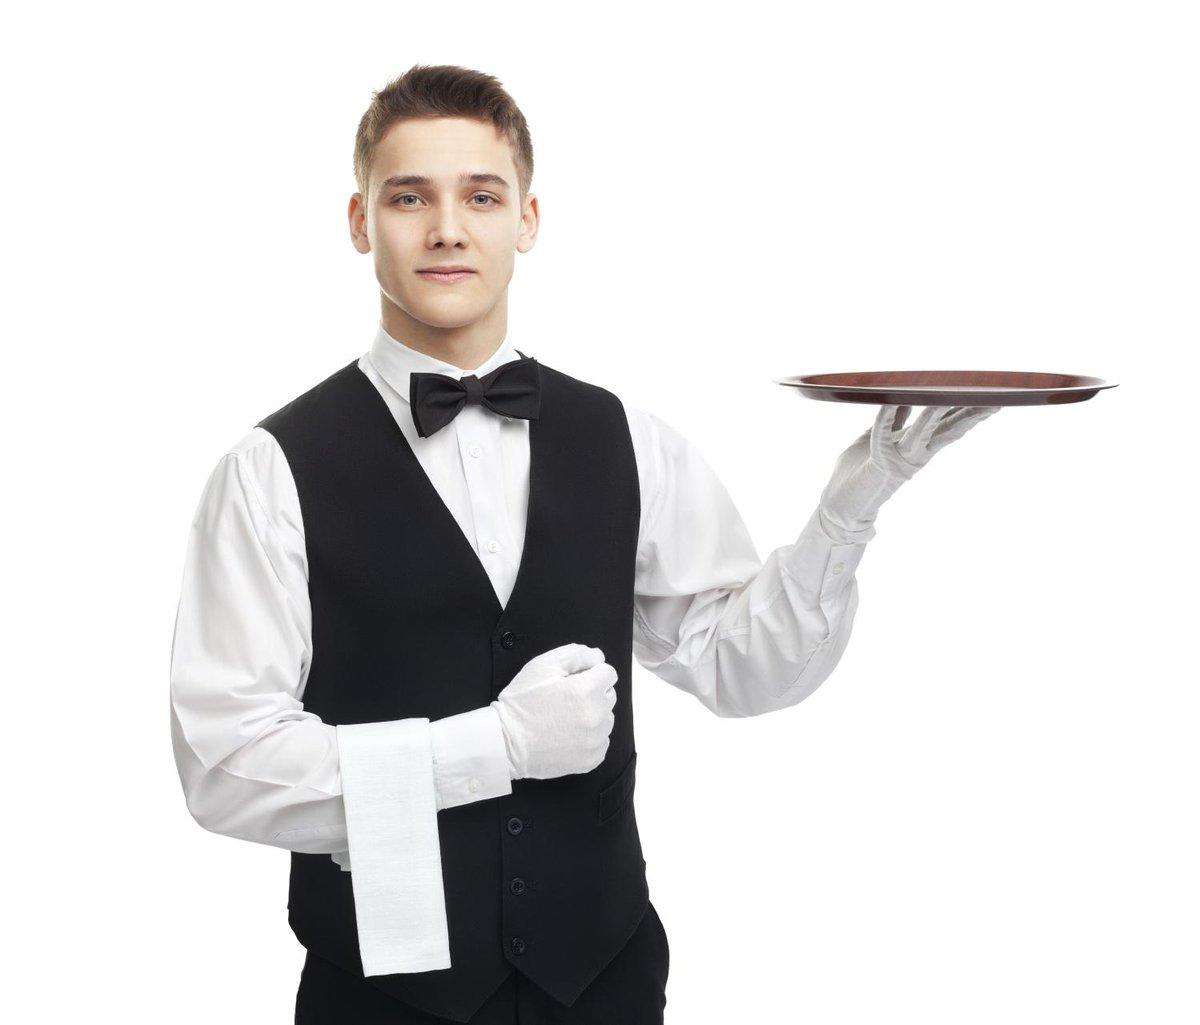 отдельных картинка официанты мужчины информация, новости